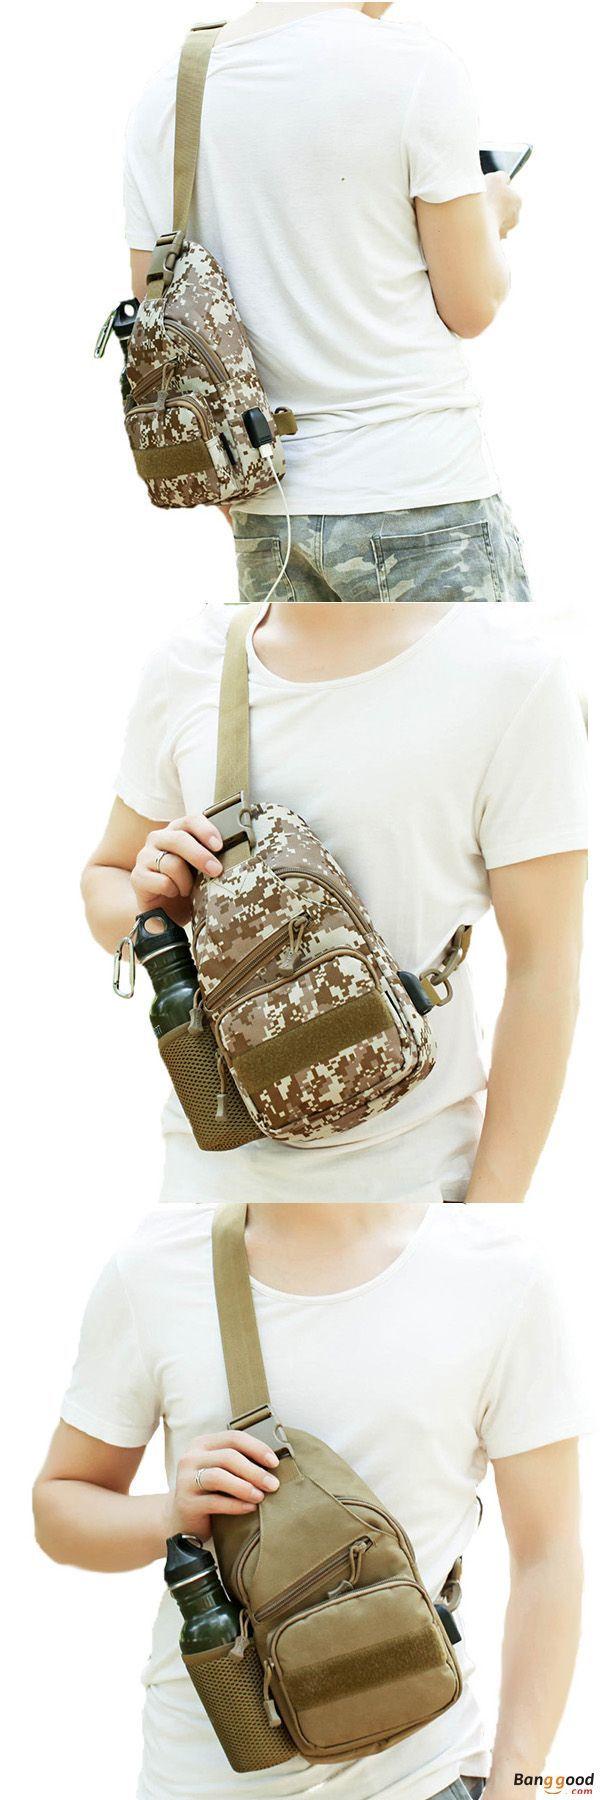 US$18.52 + Free shipping. Men Bag, Nylon Bag, Outdoor Bag, Sport Bag, Hiking Bag, Bag with USB Charging Port, Tactical Bag, Chest Bag, Crossbody Bag. Color: Khaki, Desert, Sand Camo, Jungle, Acu, Black. Get prepared! #JungleSurvivalShelter